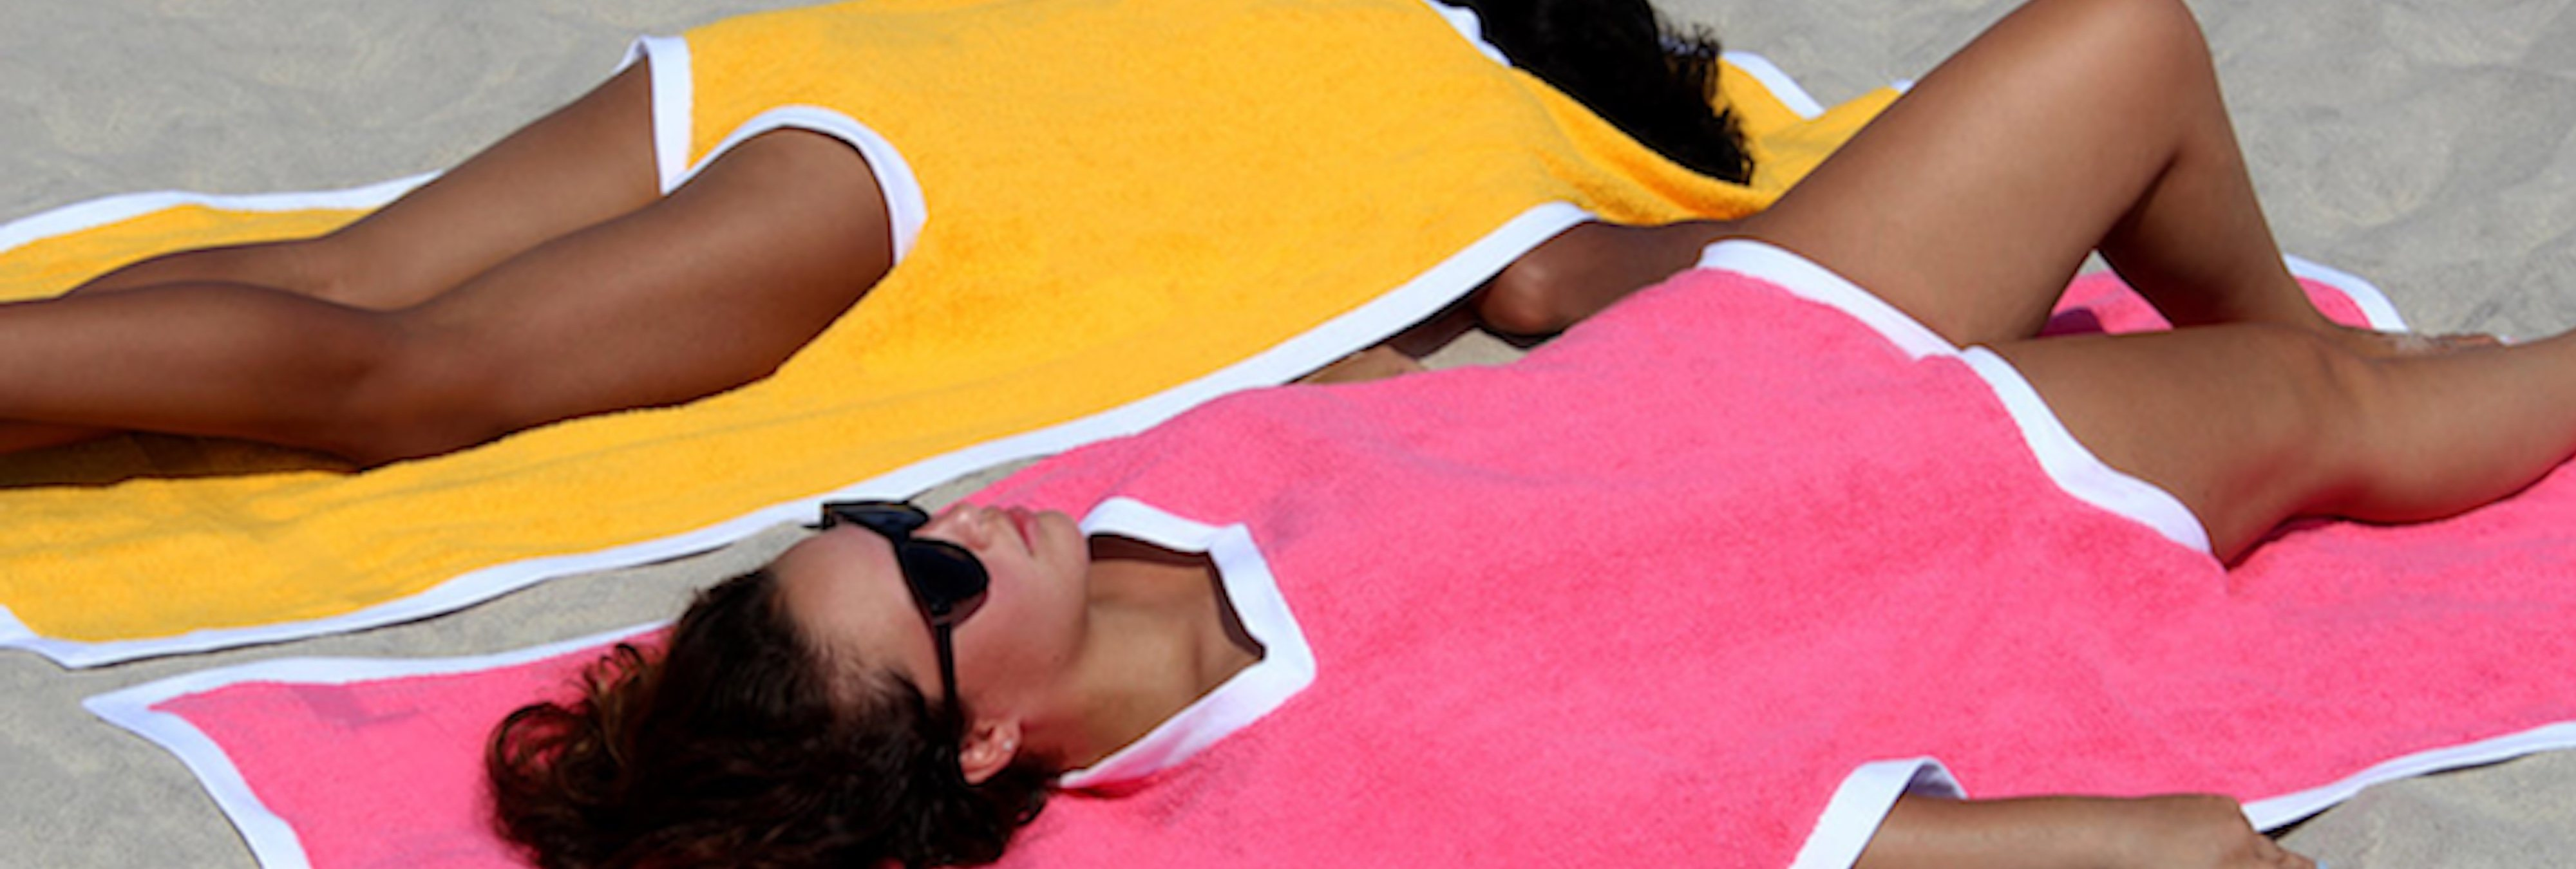 El towelkini, la última moda del verano que une la toalla y el bañador